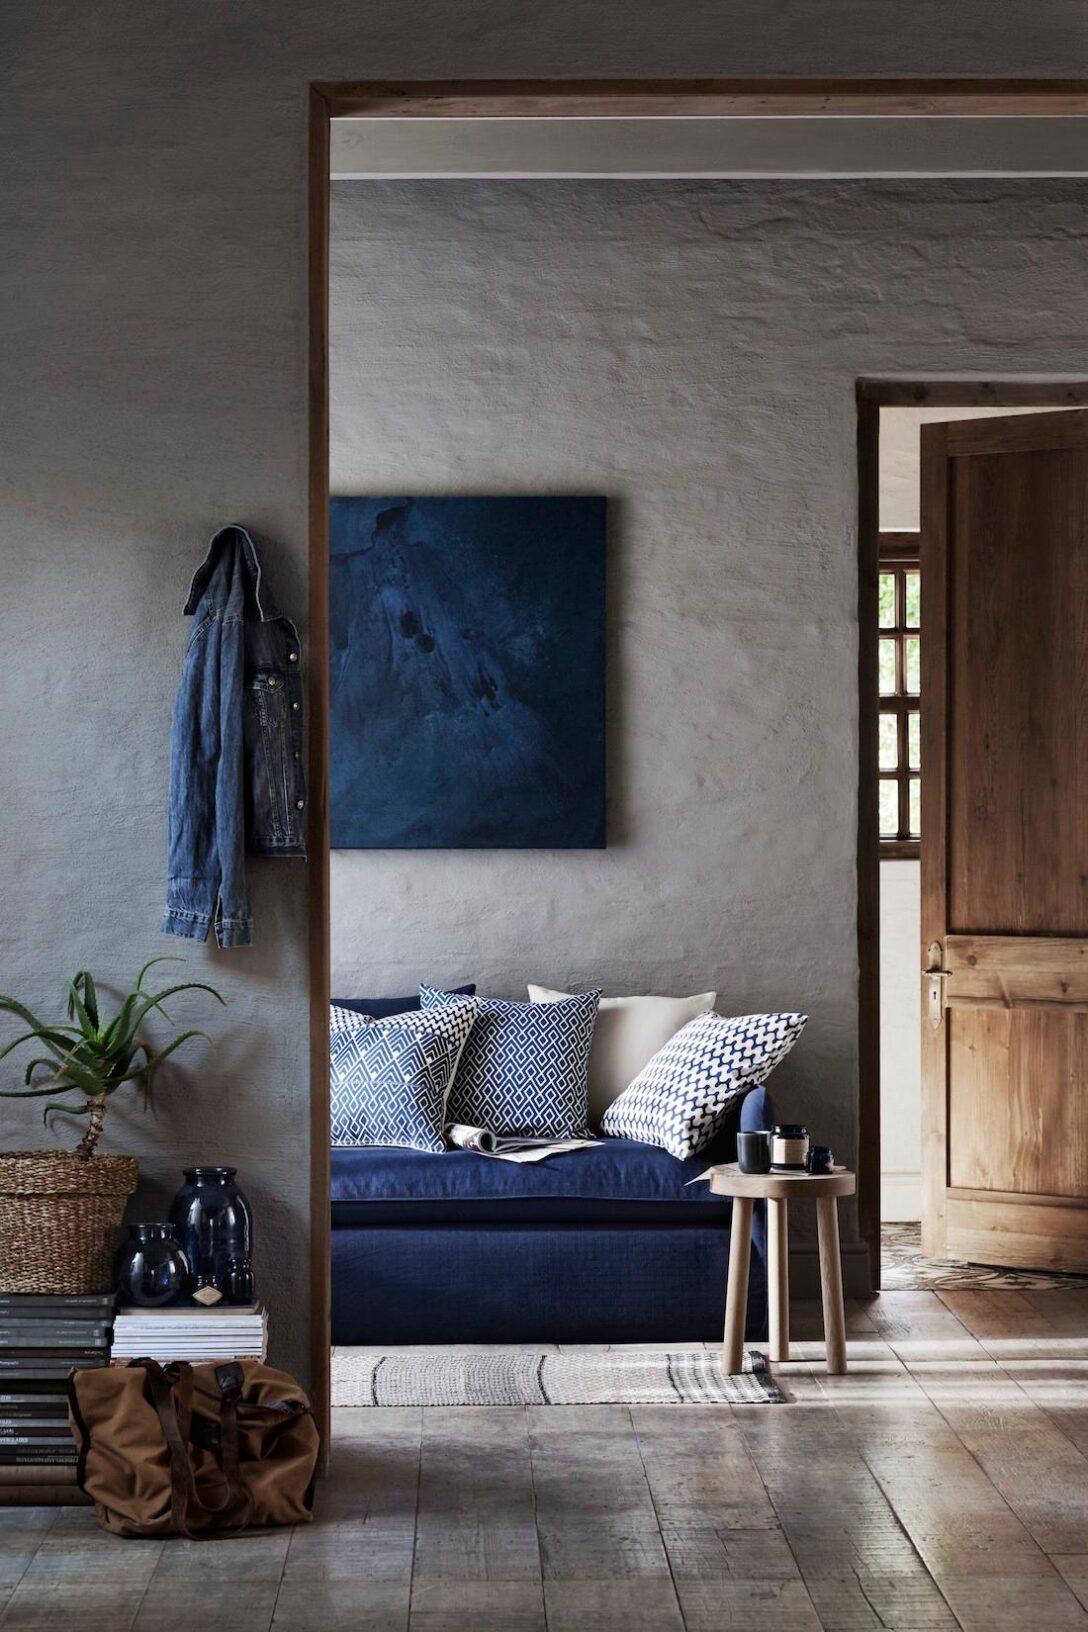 Large Size of Blaues Sofa Bilder Ideen Couch Canape Rotes Kleines Wohnzimmer Schlafsofa Liegefläche 160x200 Modulares Mit Relaxfunktion Blau Kaufen Günstig Schlaffunktion Sofa Blaues Sofa